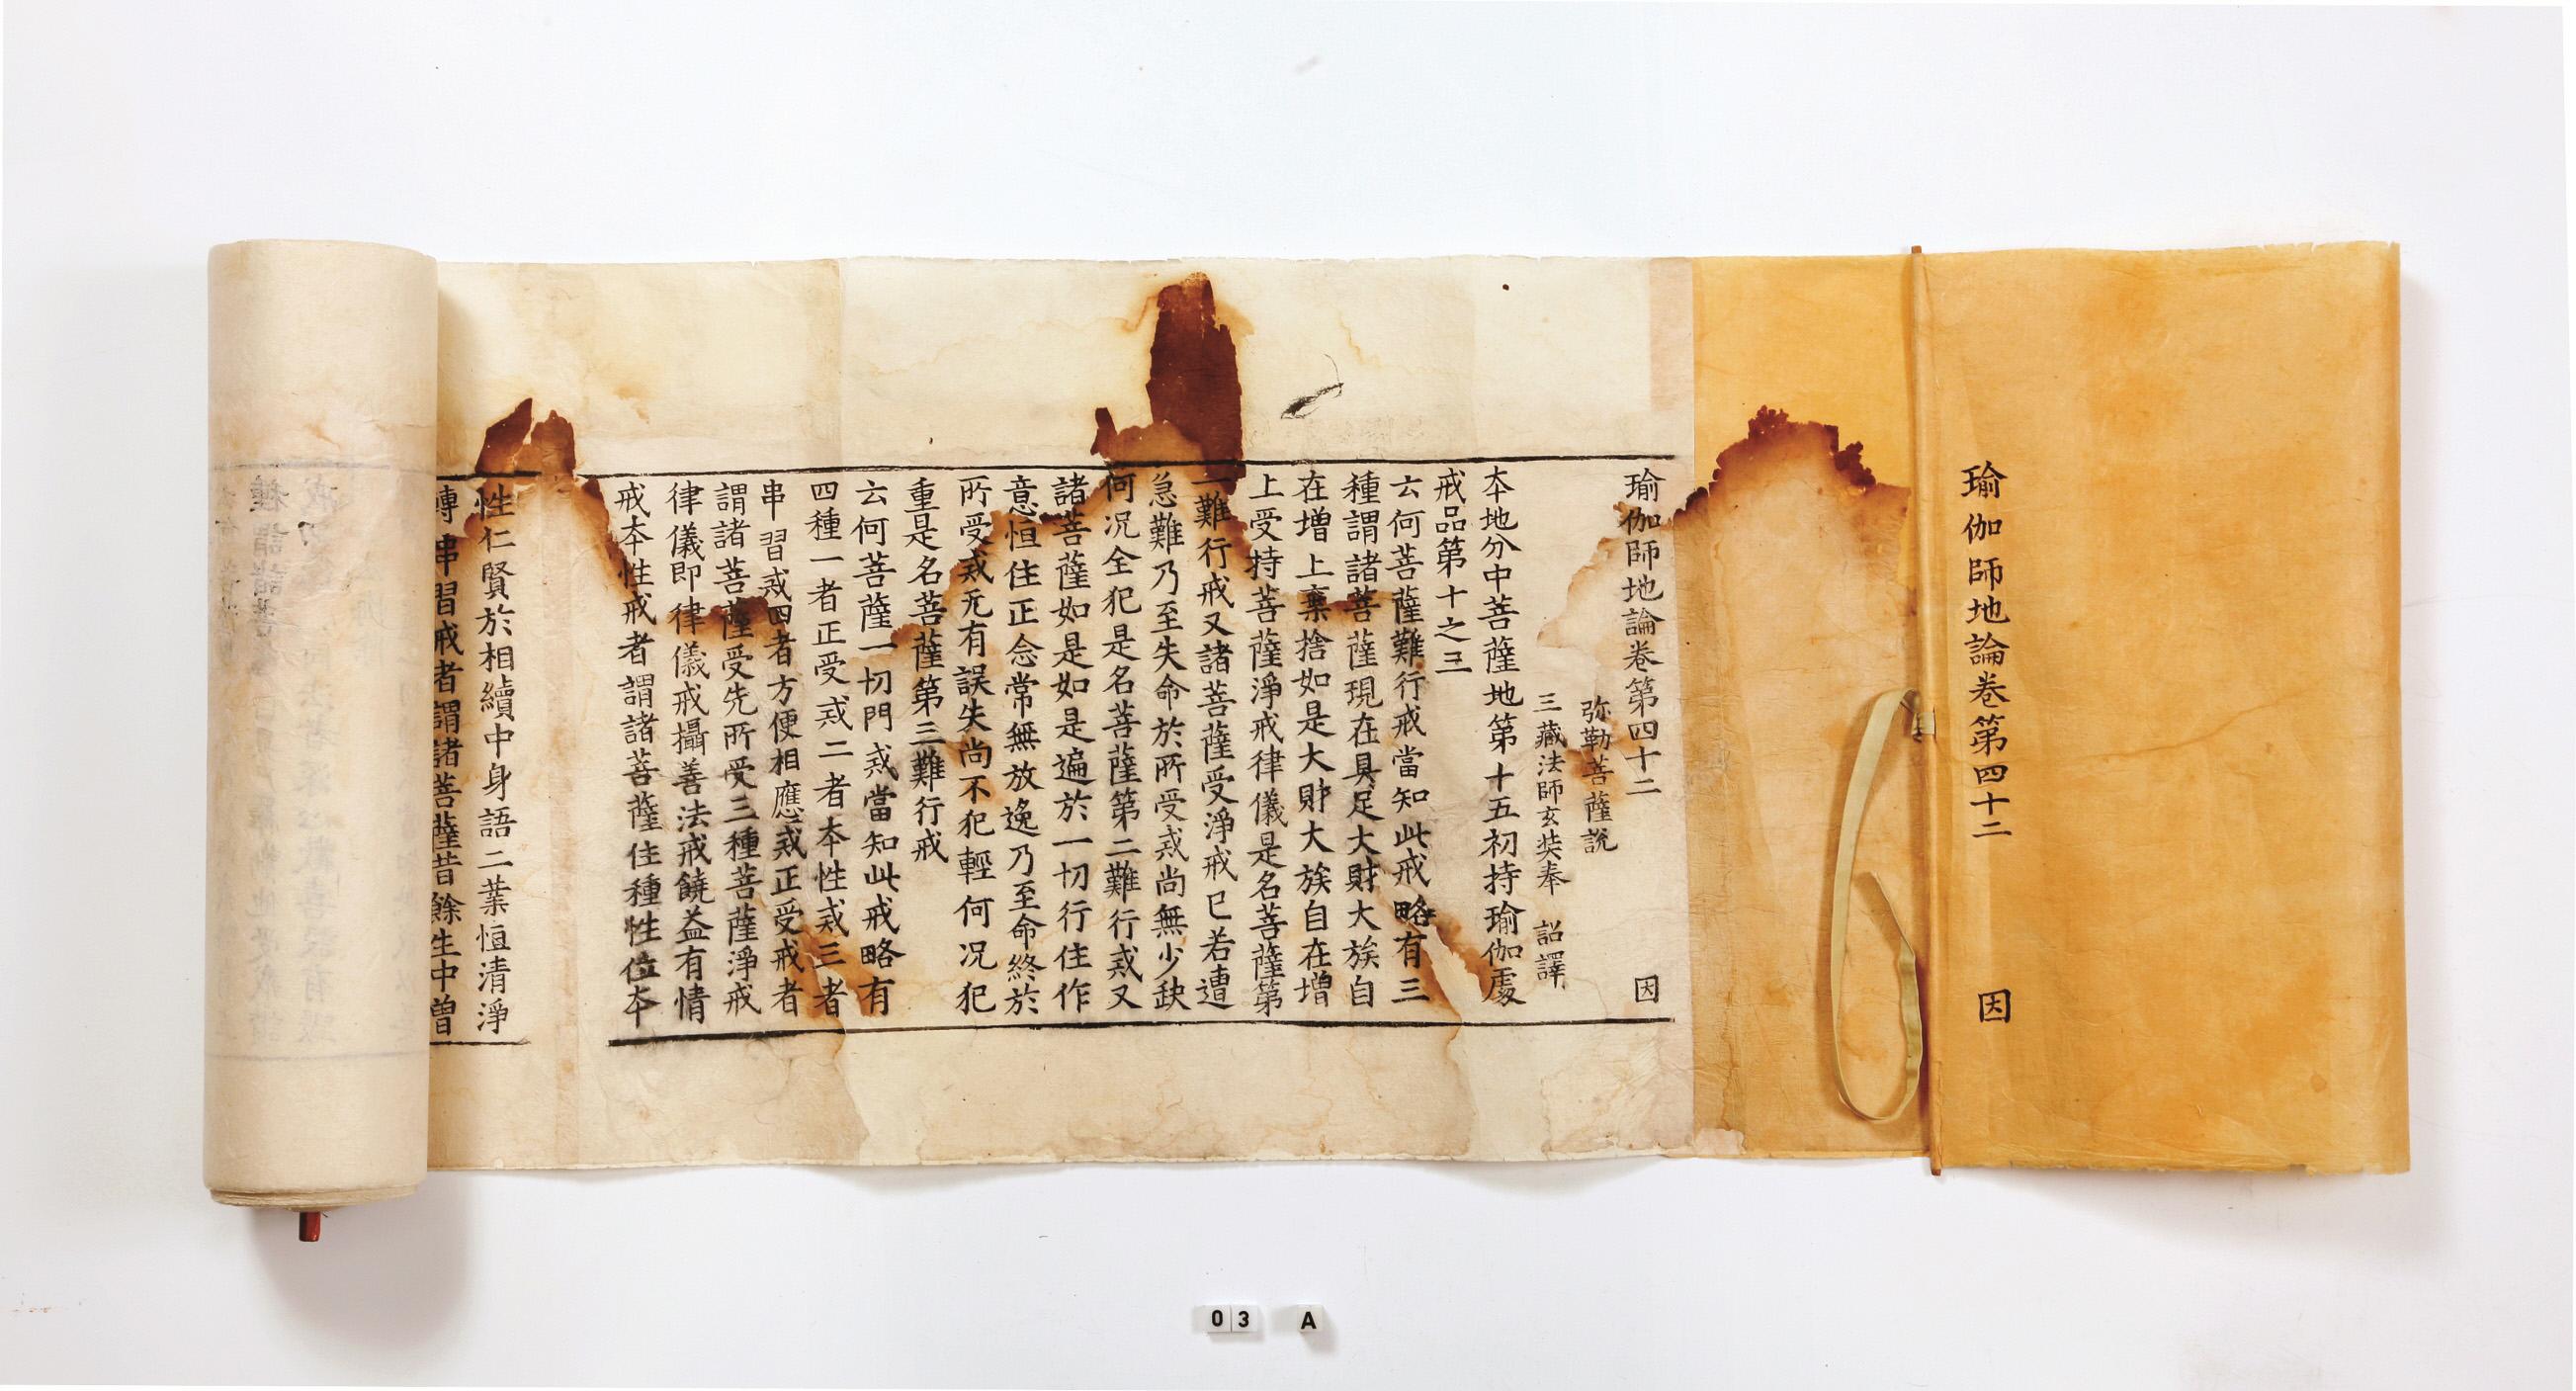 고려불경 `유가사지론` 권66 국립한글박물관 연구서 발간